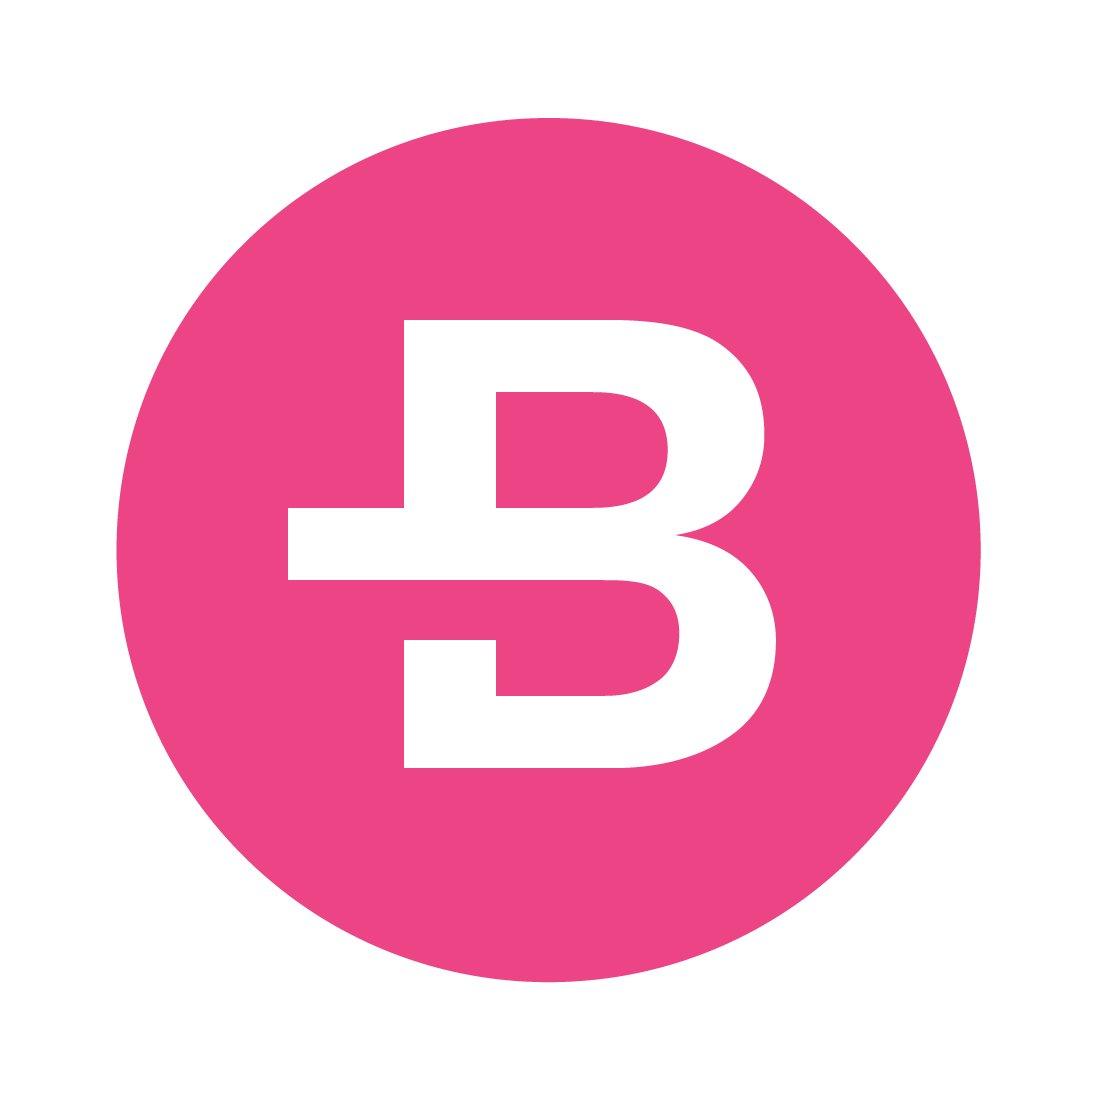 Bytecoin (BCN) coin